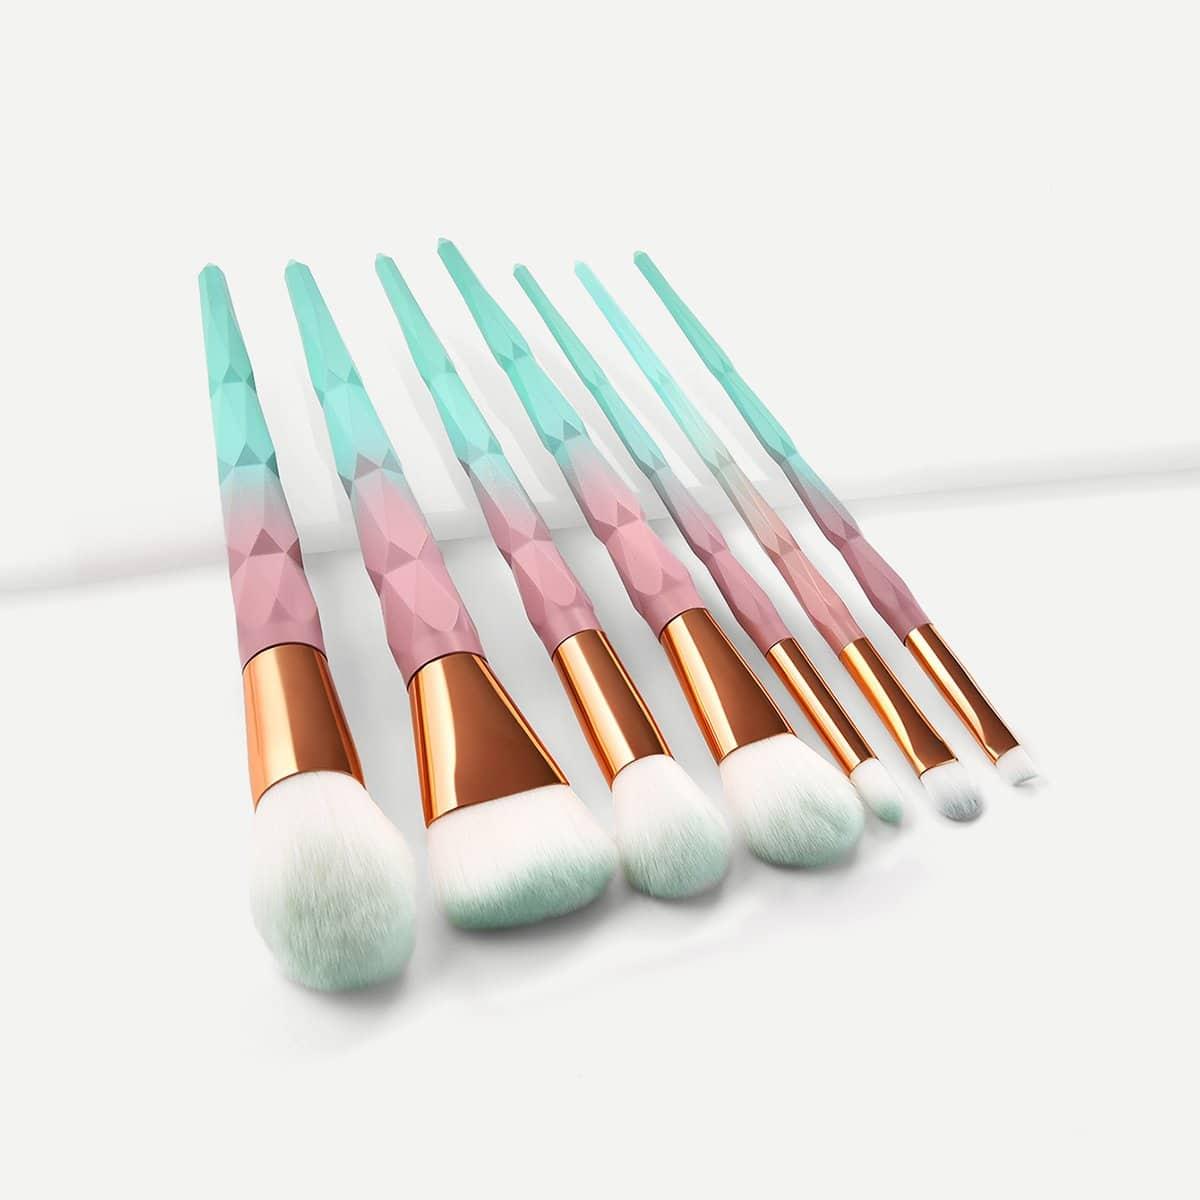 Мягкая кисть для макияжа с ручкой цвета хамелеона 7 шт